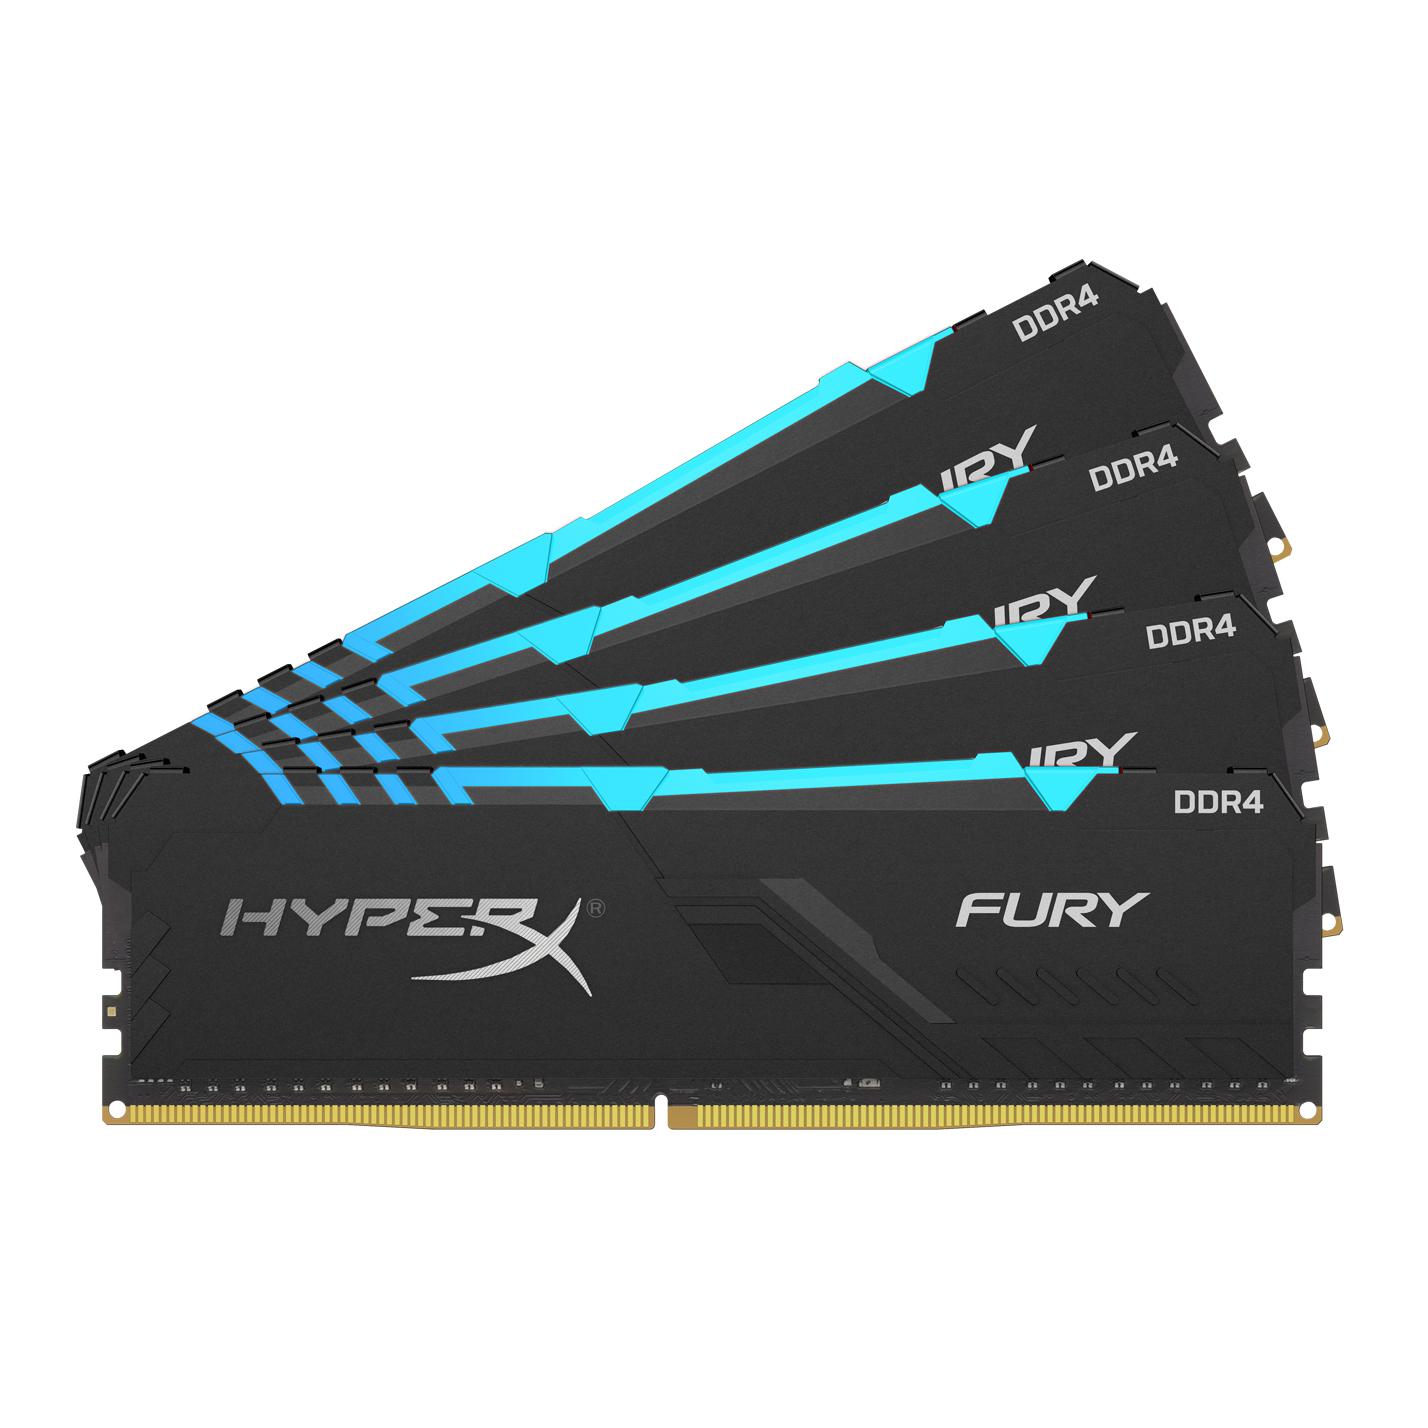 HyperX FURY HX436C17FB3AK4/64 memory module 64 GB DDR4 3600 MHz